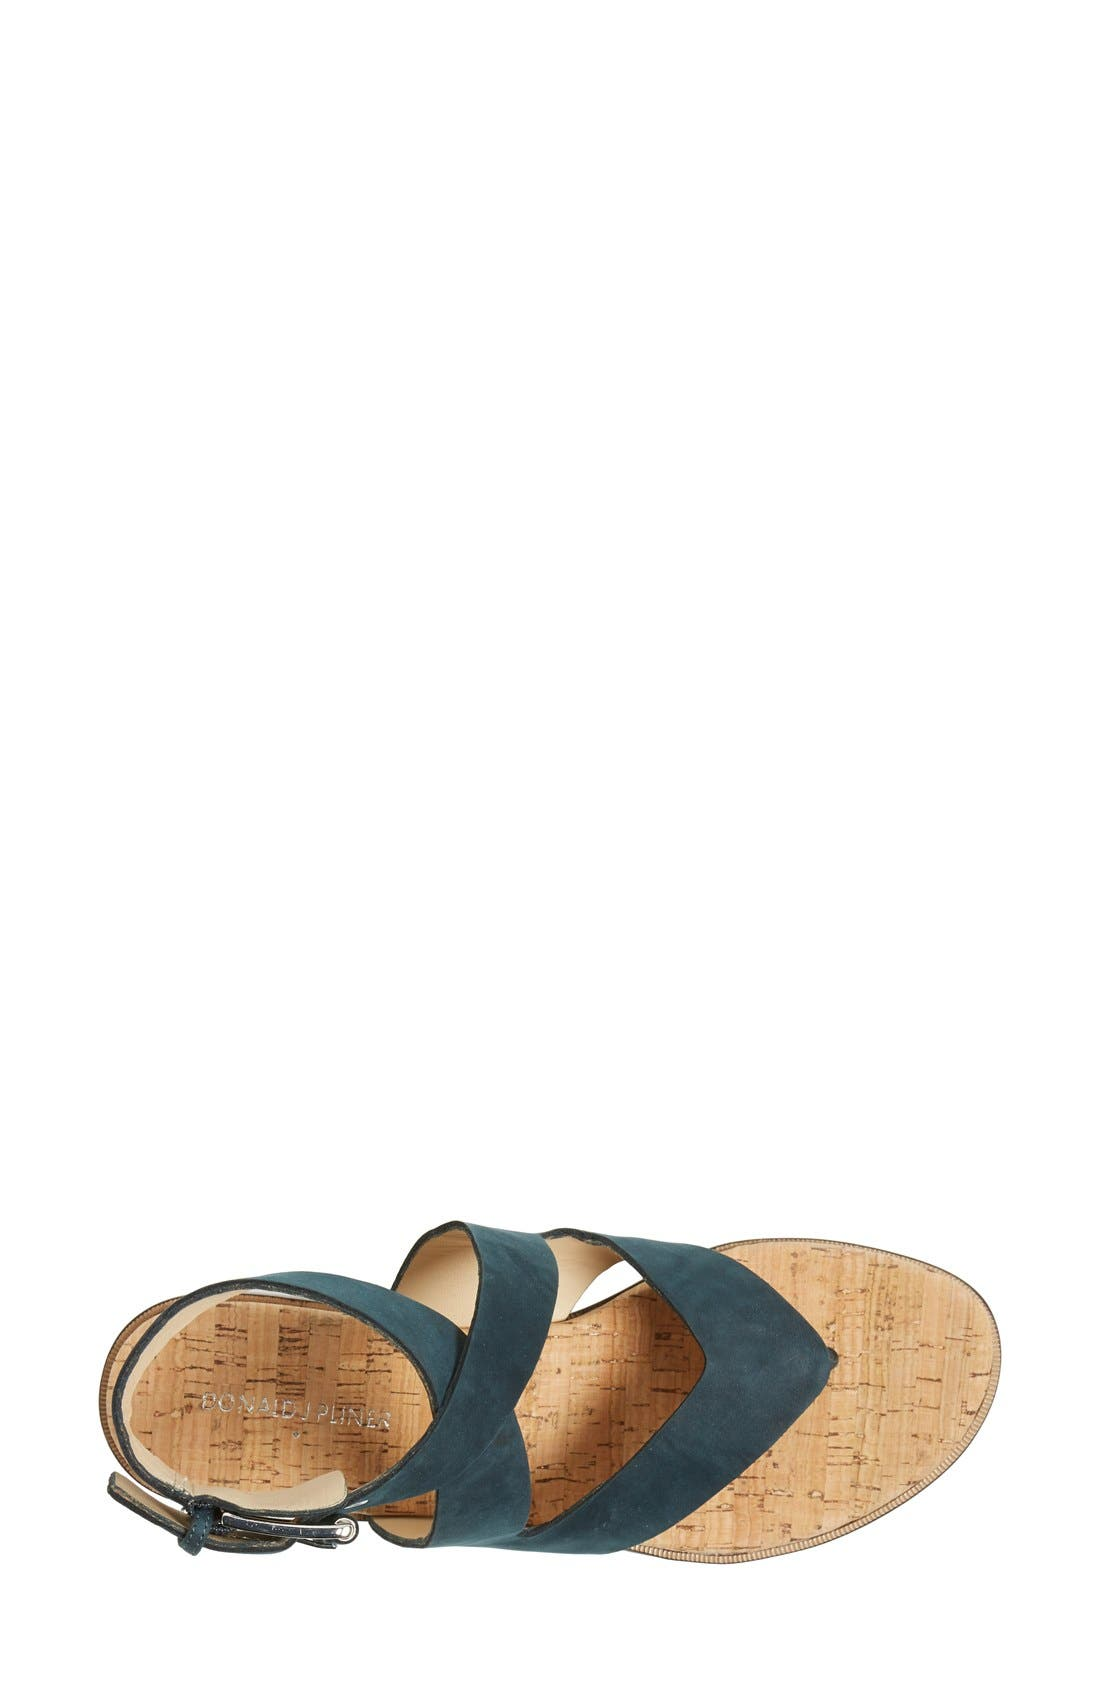 Alternate Image 3  - Donald J Pliner 'Lola' Suede Sandal